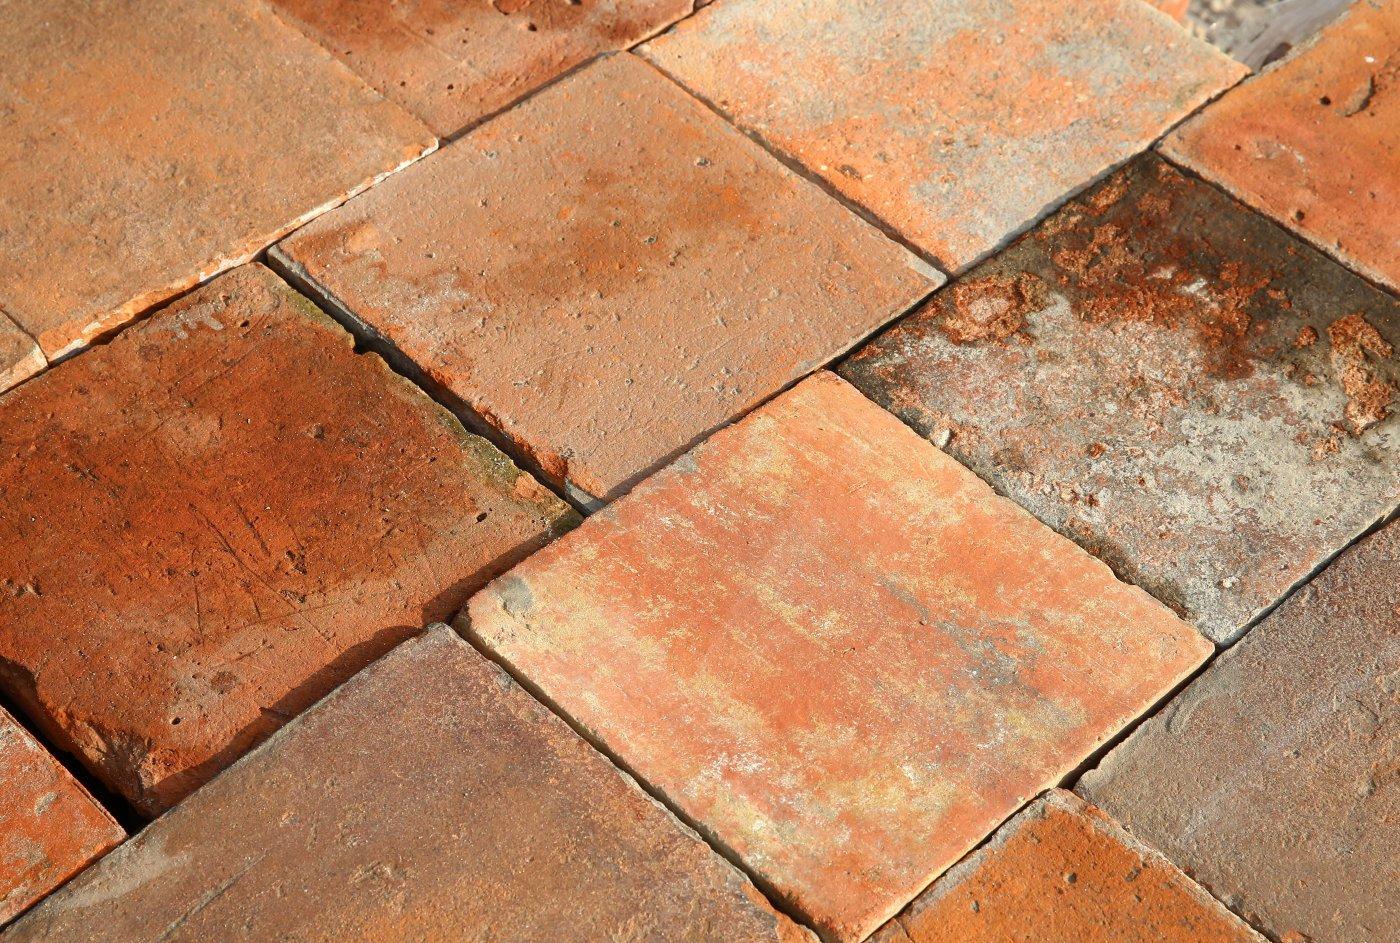 Fußboden Fliesen Terracotta ~ Alte holländische fliesen de opkamer antike böden und kamine